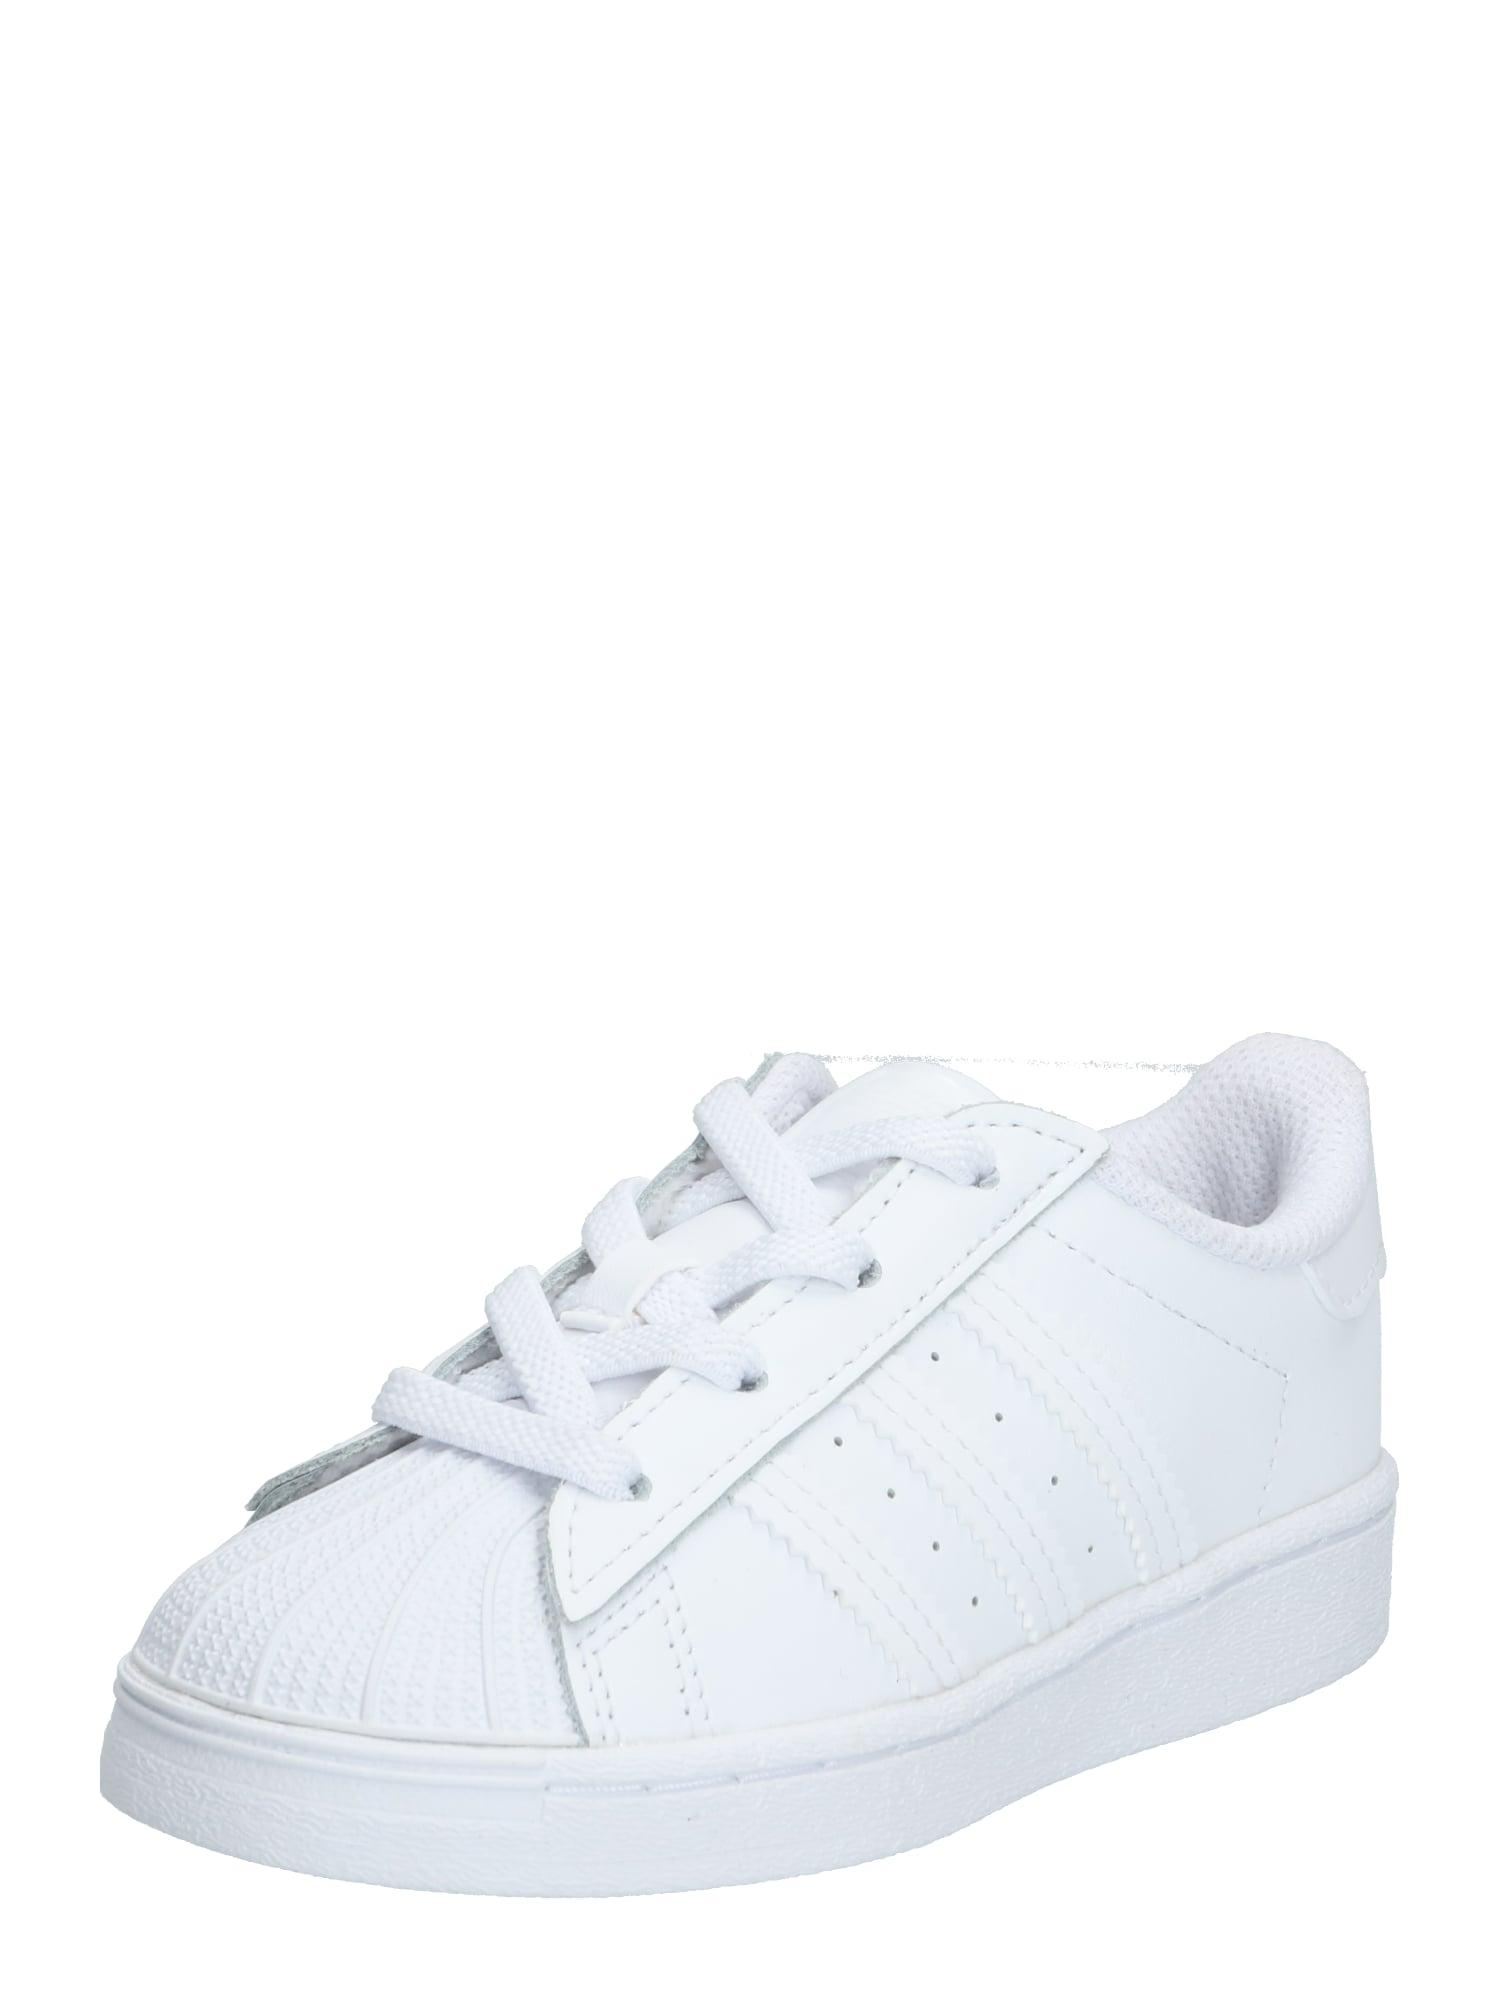 ADIDAS ORIGINALS Sneaker 'SUPERSTAR EL I' Bianco